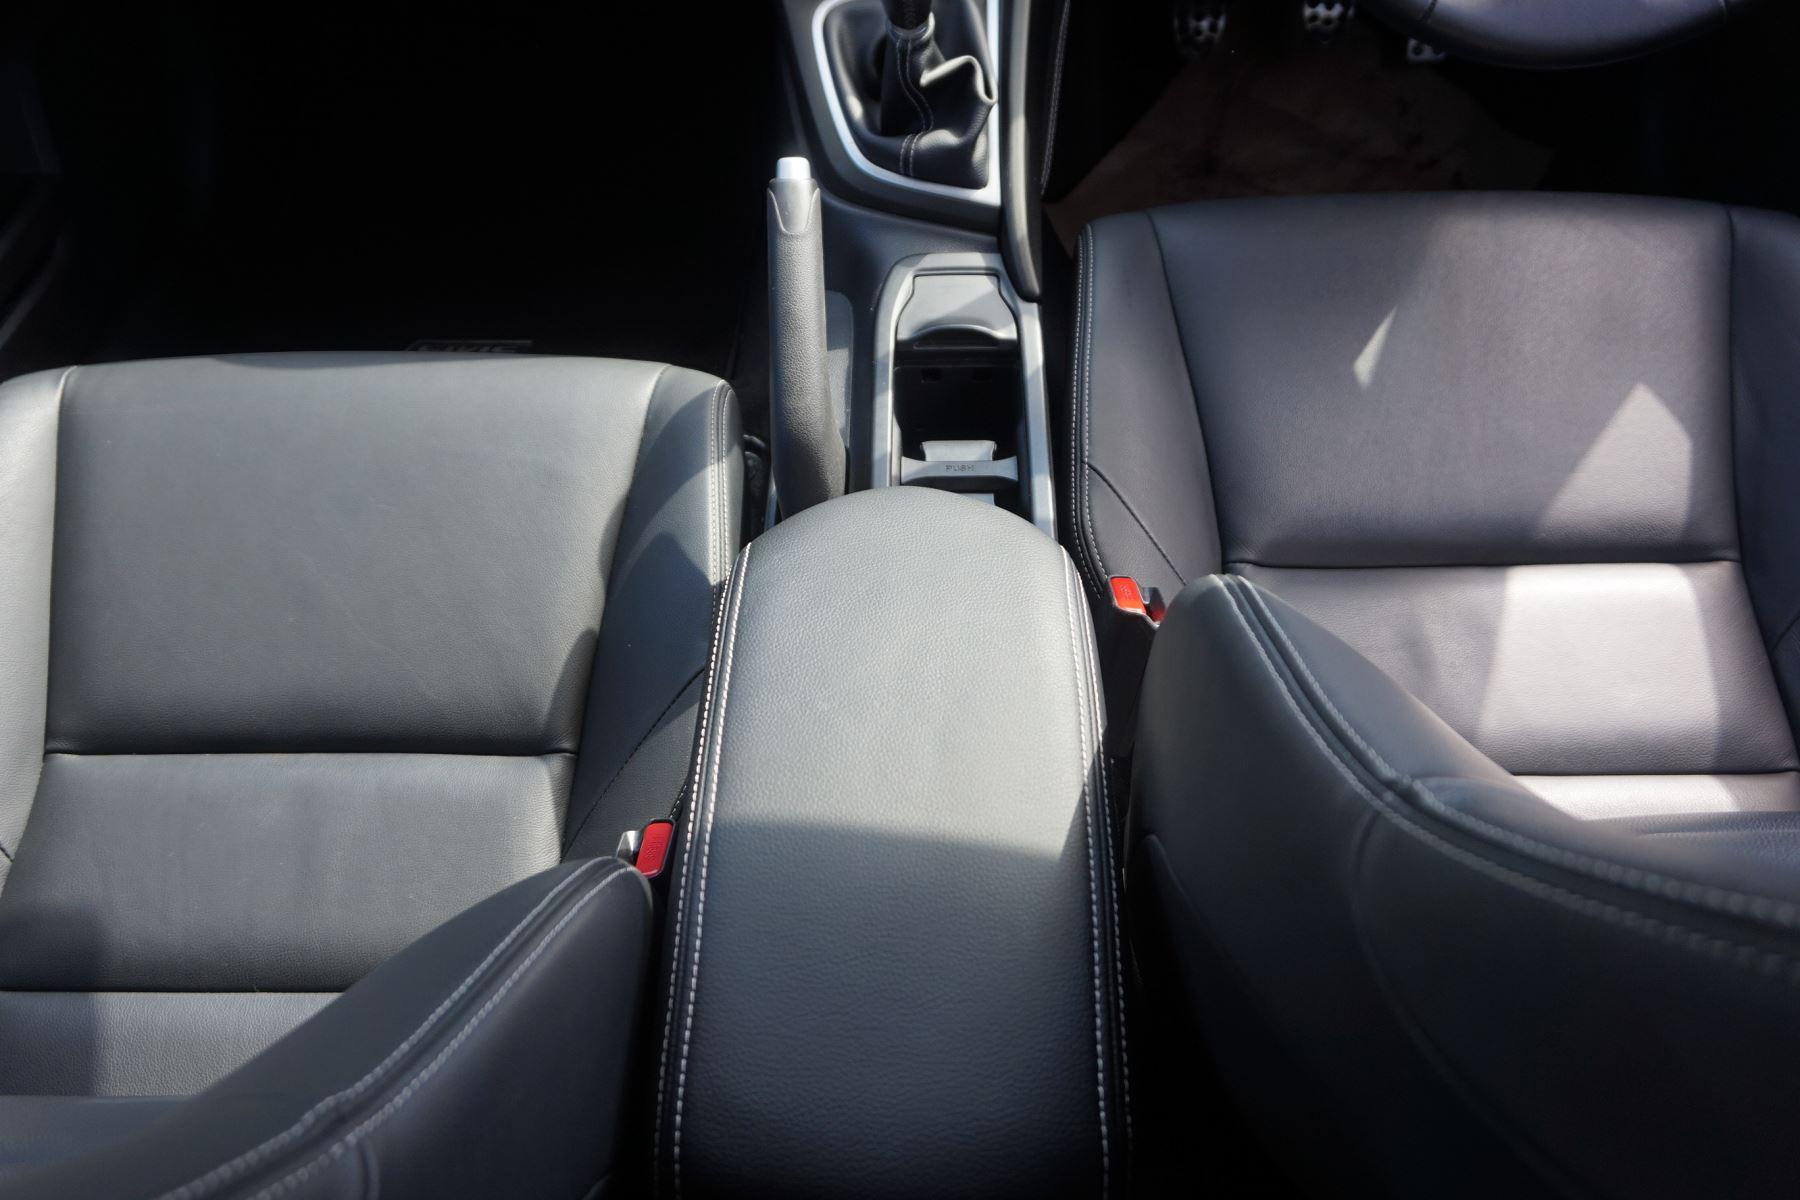 Honda Civic 1.6 i-DTEC SR 5dr image 16